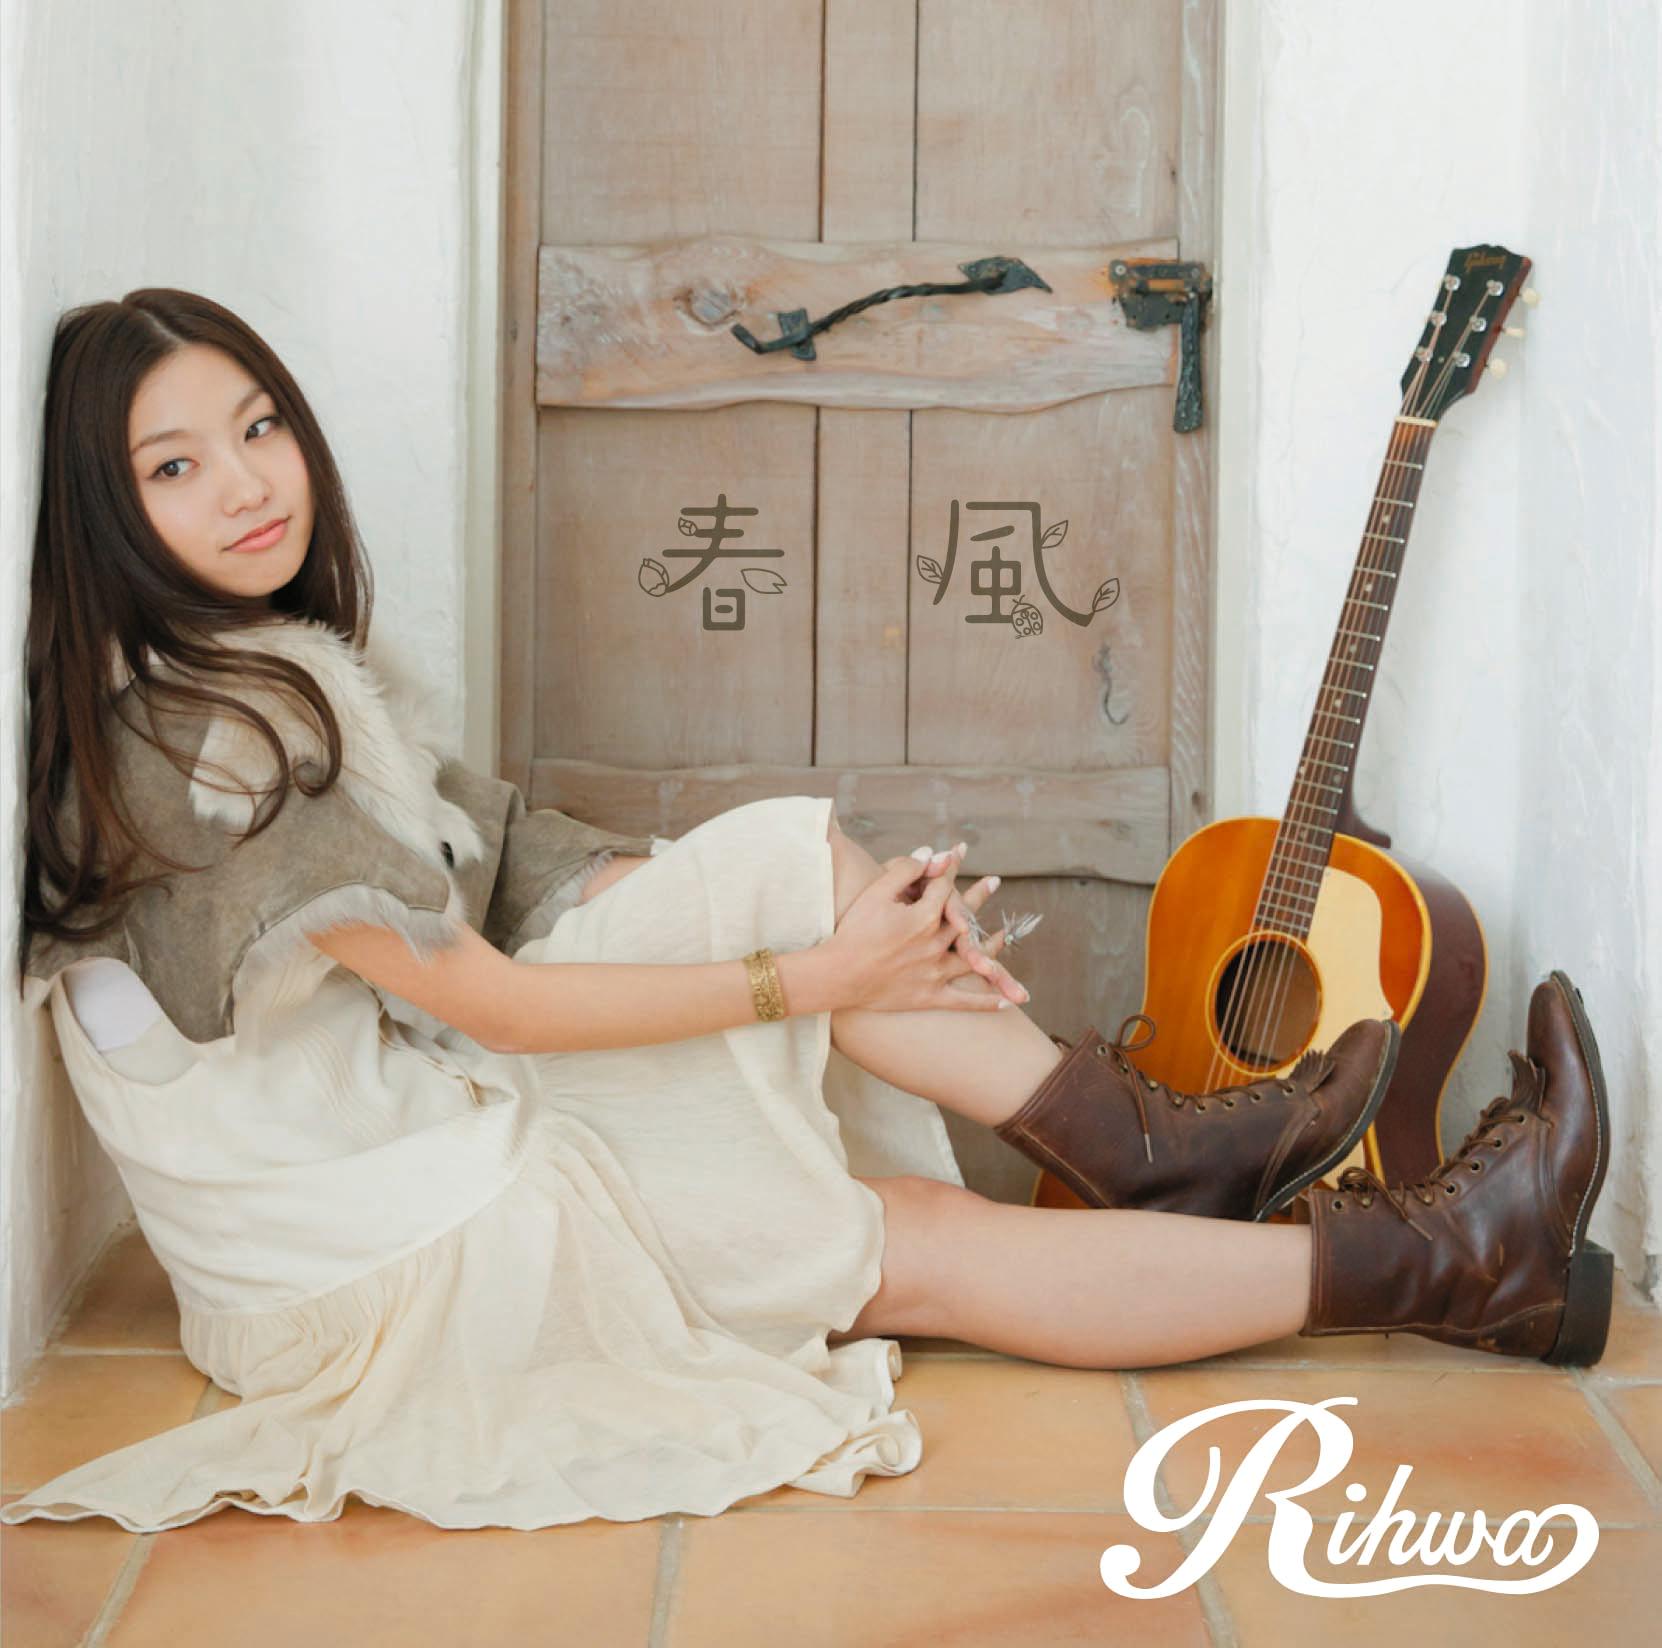 Rihwa、話題沸騰のシングル「春風」が本日発売!